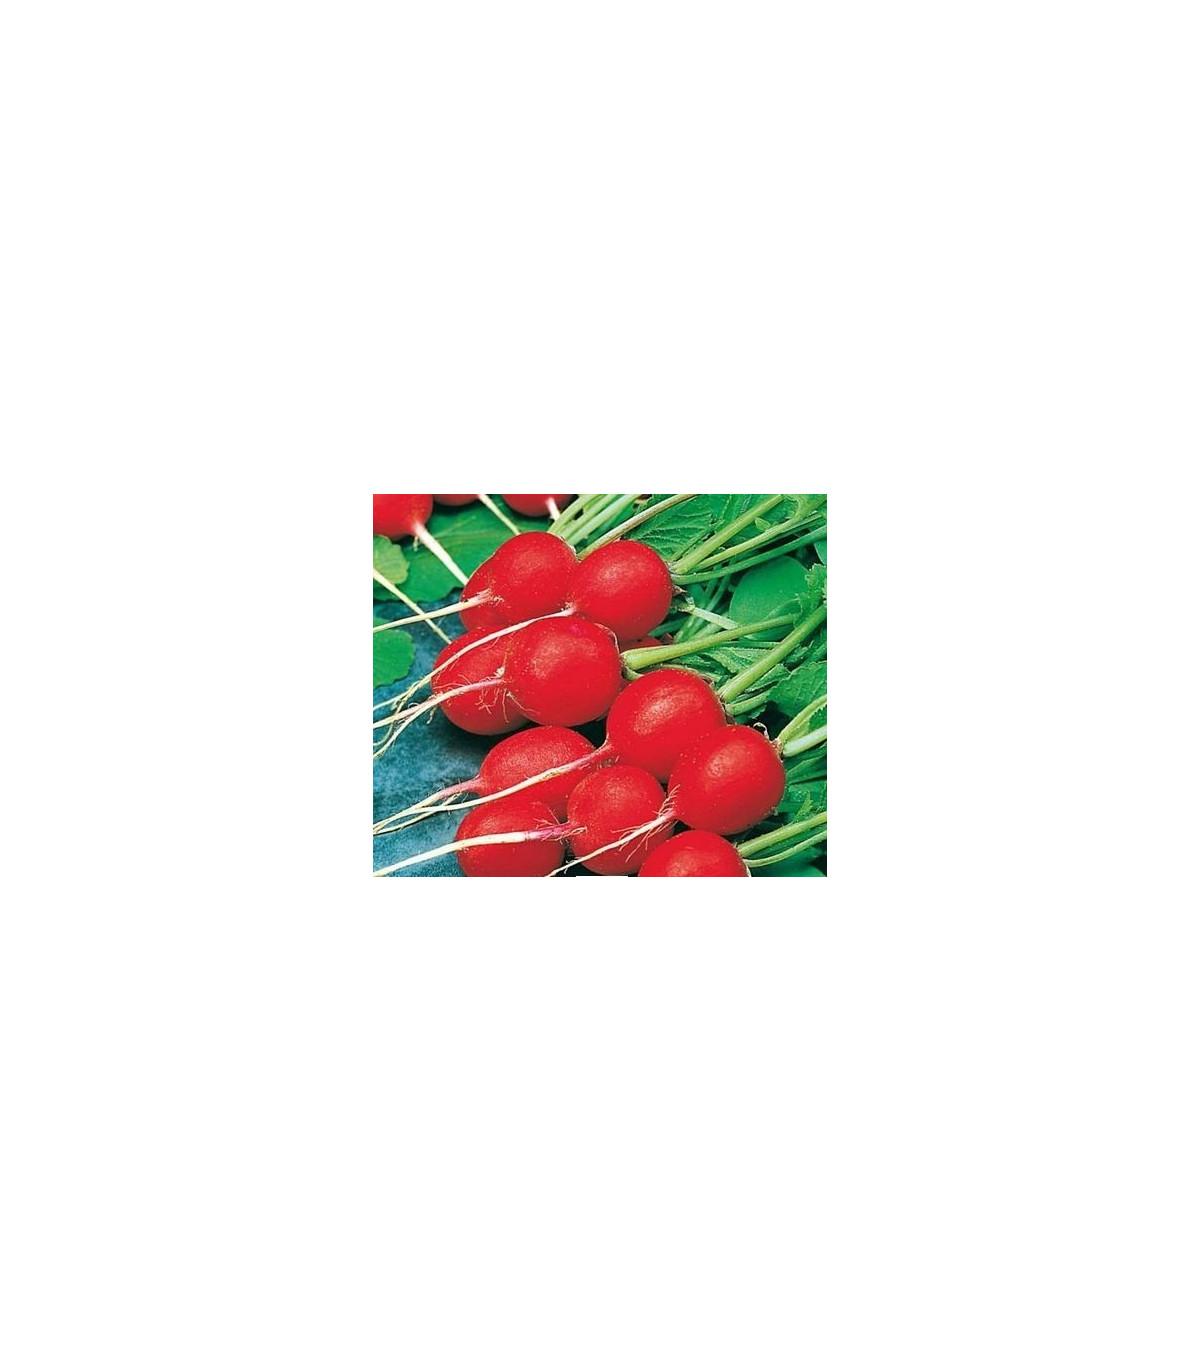 Reďkovka Ilka - Rahanus sativus - semená reďkovky -  semiačka - 50 ks